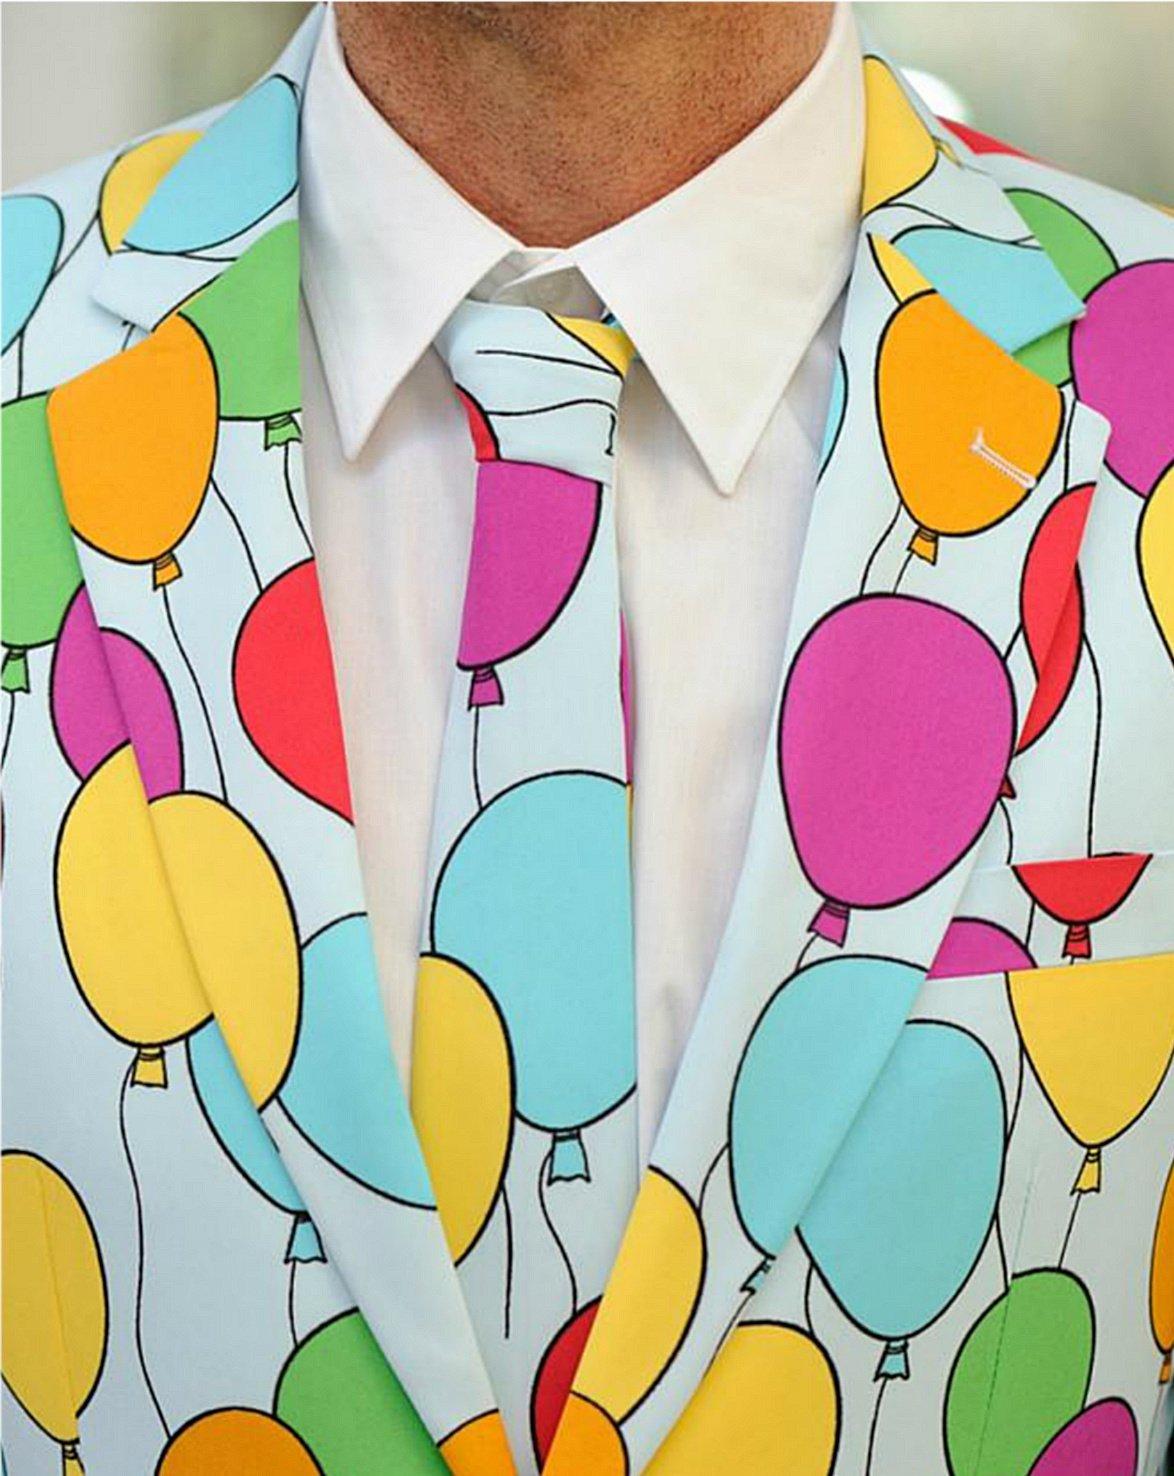 Balloon Suit